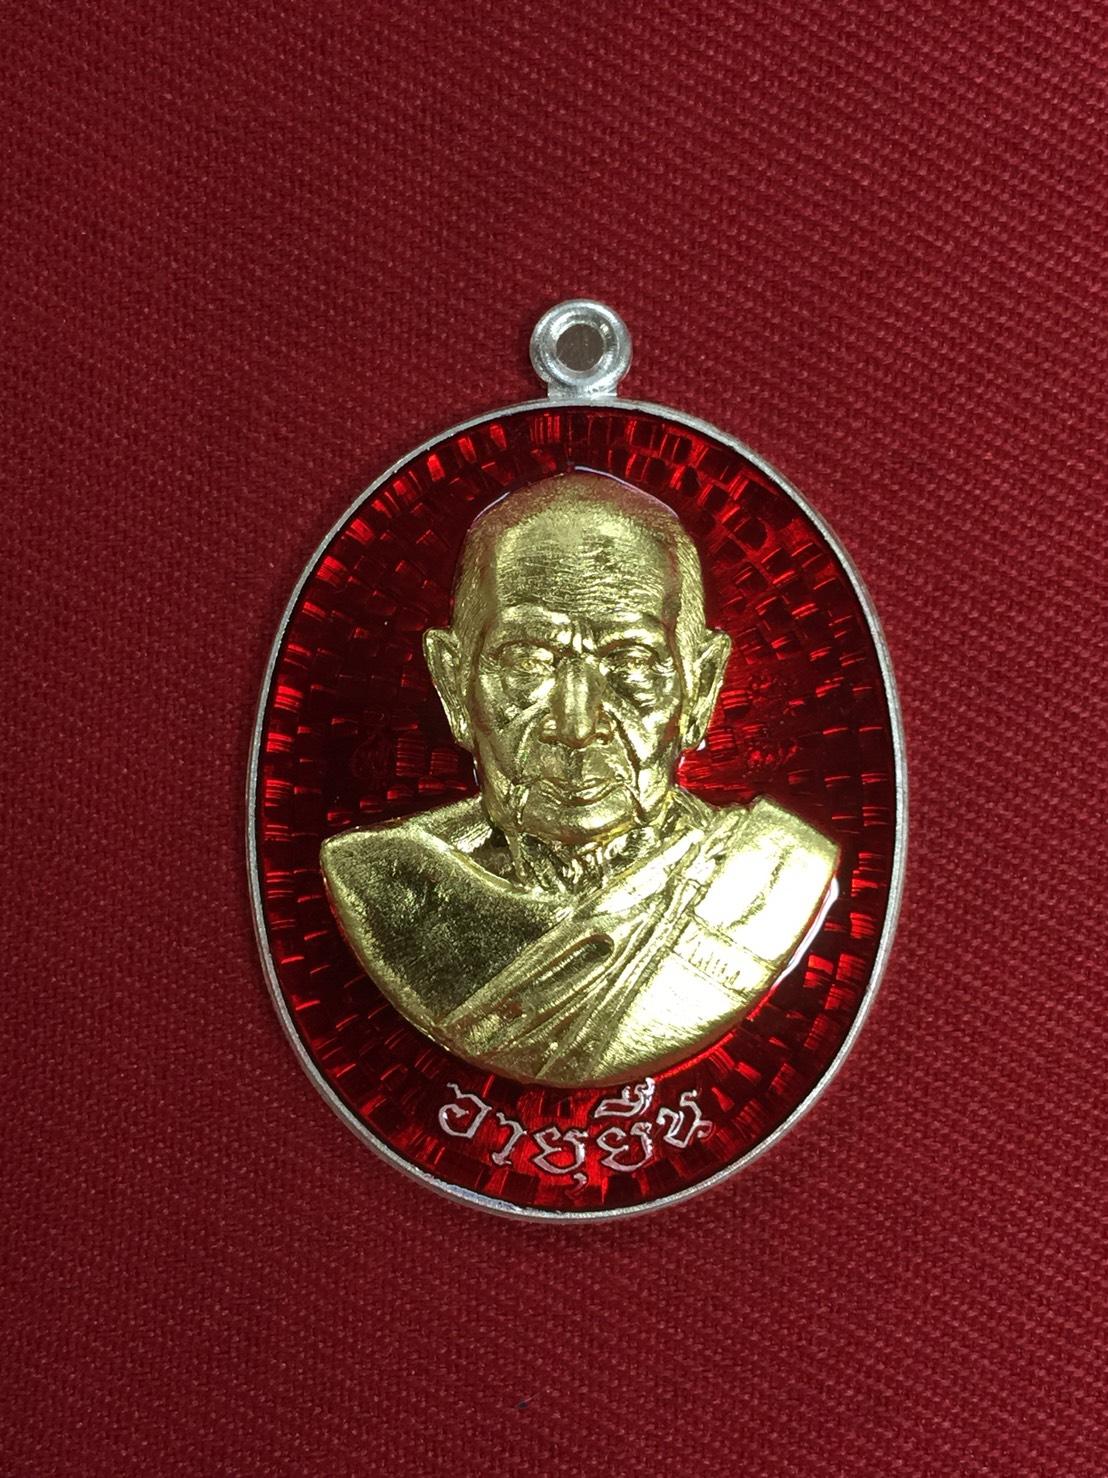 เหรียญอายุยืน ปี2559 เนื้อเงินหน้ากากทองคำลงยาสีแดงหลังเรียบจารมือ ติดจีวรเกศา หลวงพ่อฟู วัดบางสมัคร